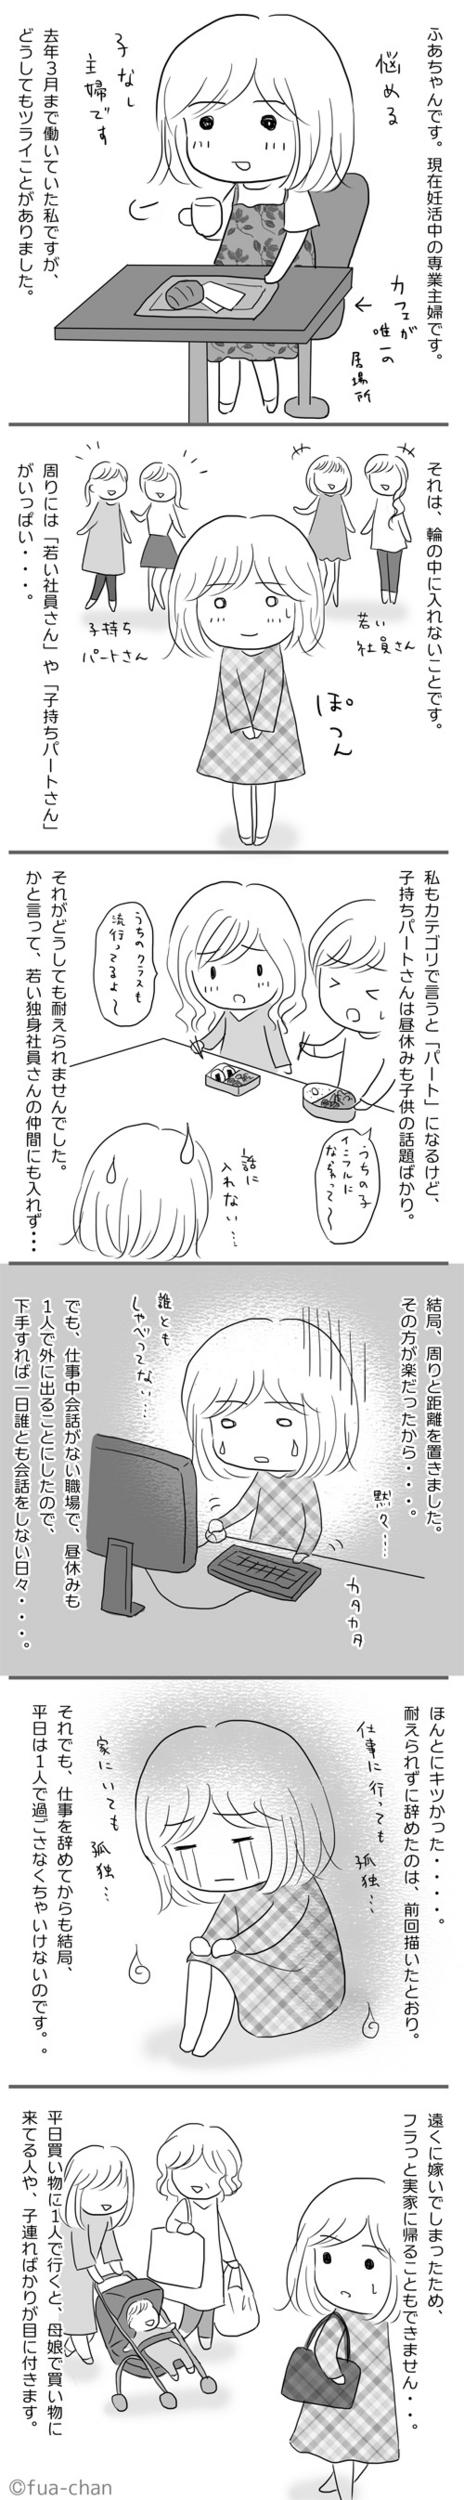 f:id:fuachan:20160807154621j:plain